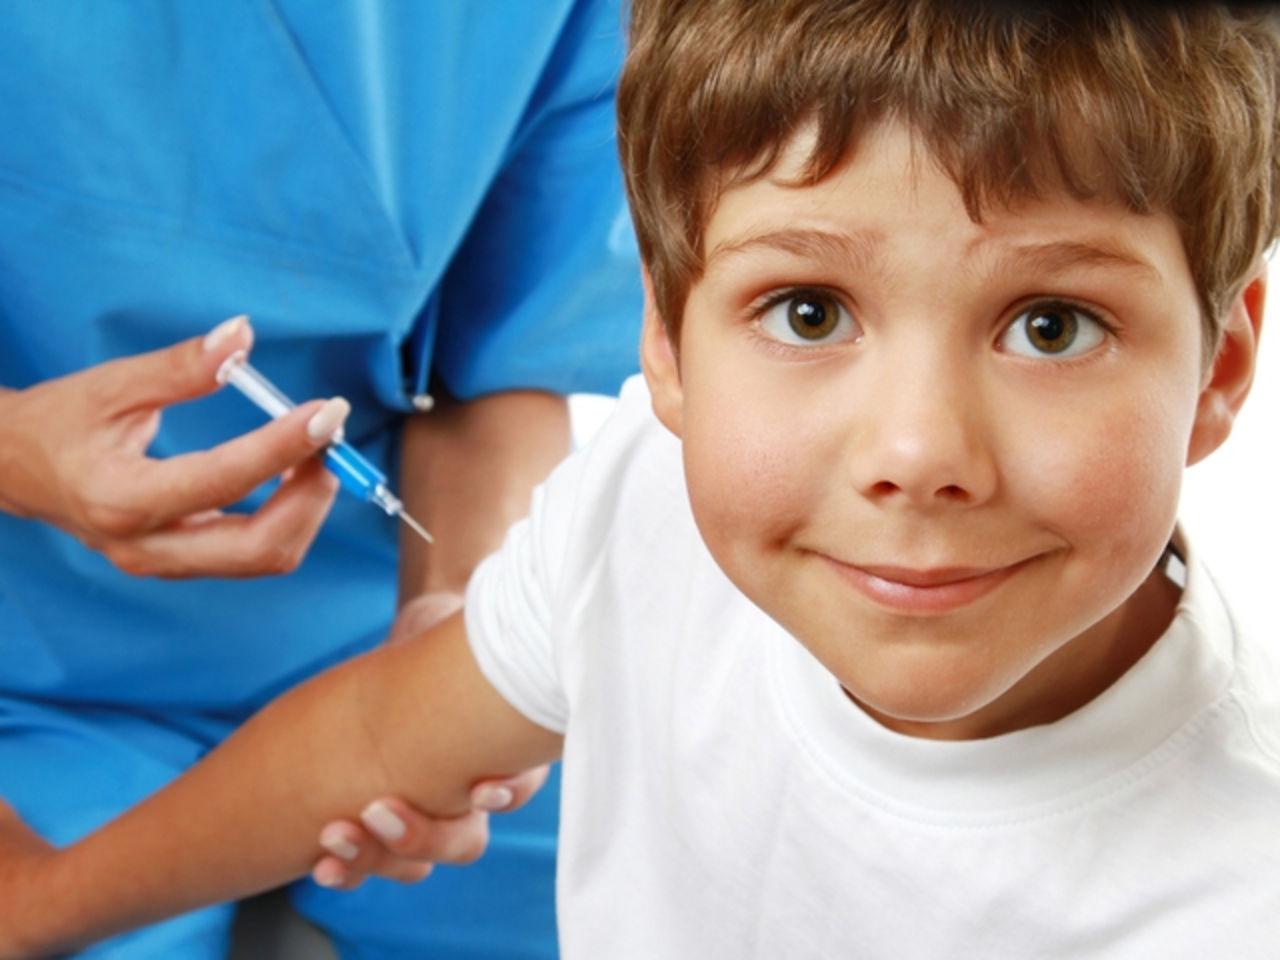 Прививка от ветряной оспы детям и взрослым